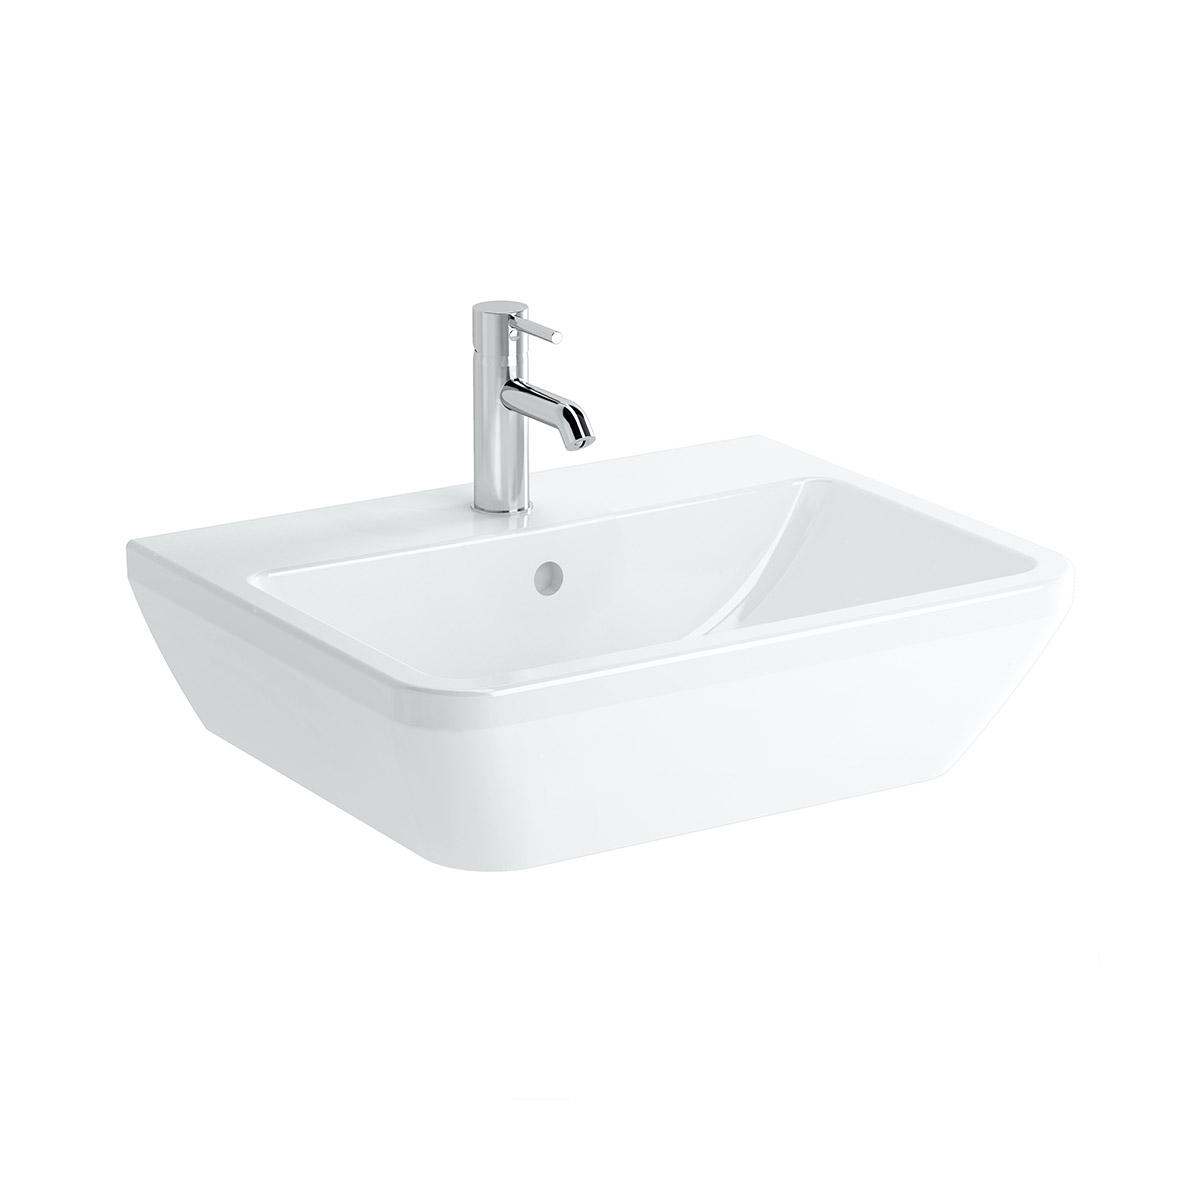 Integra Waschtisch, 60 cm, eckig, mit Hahnloch, mit Überlaufloch, Weiß, VitrA Clean